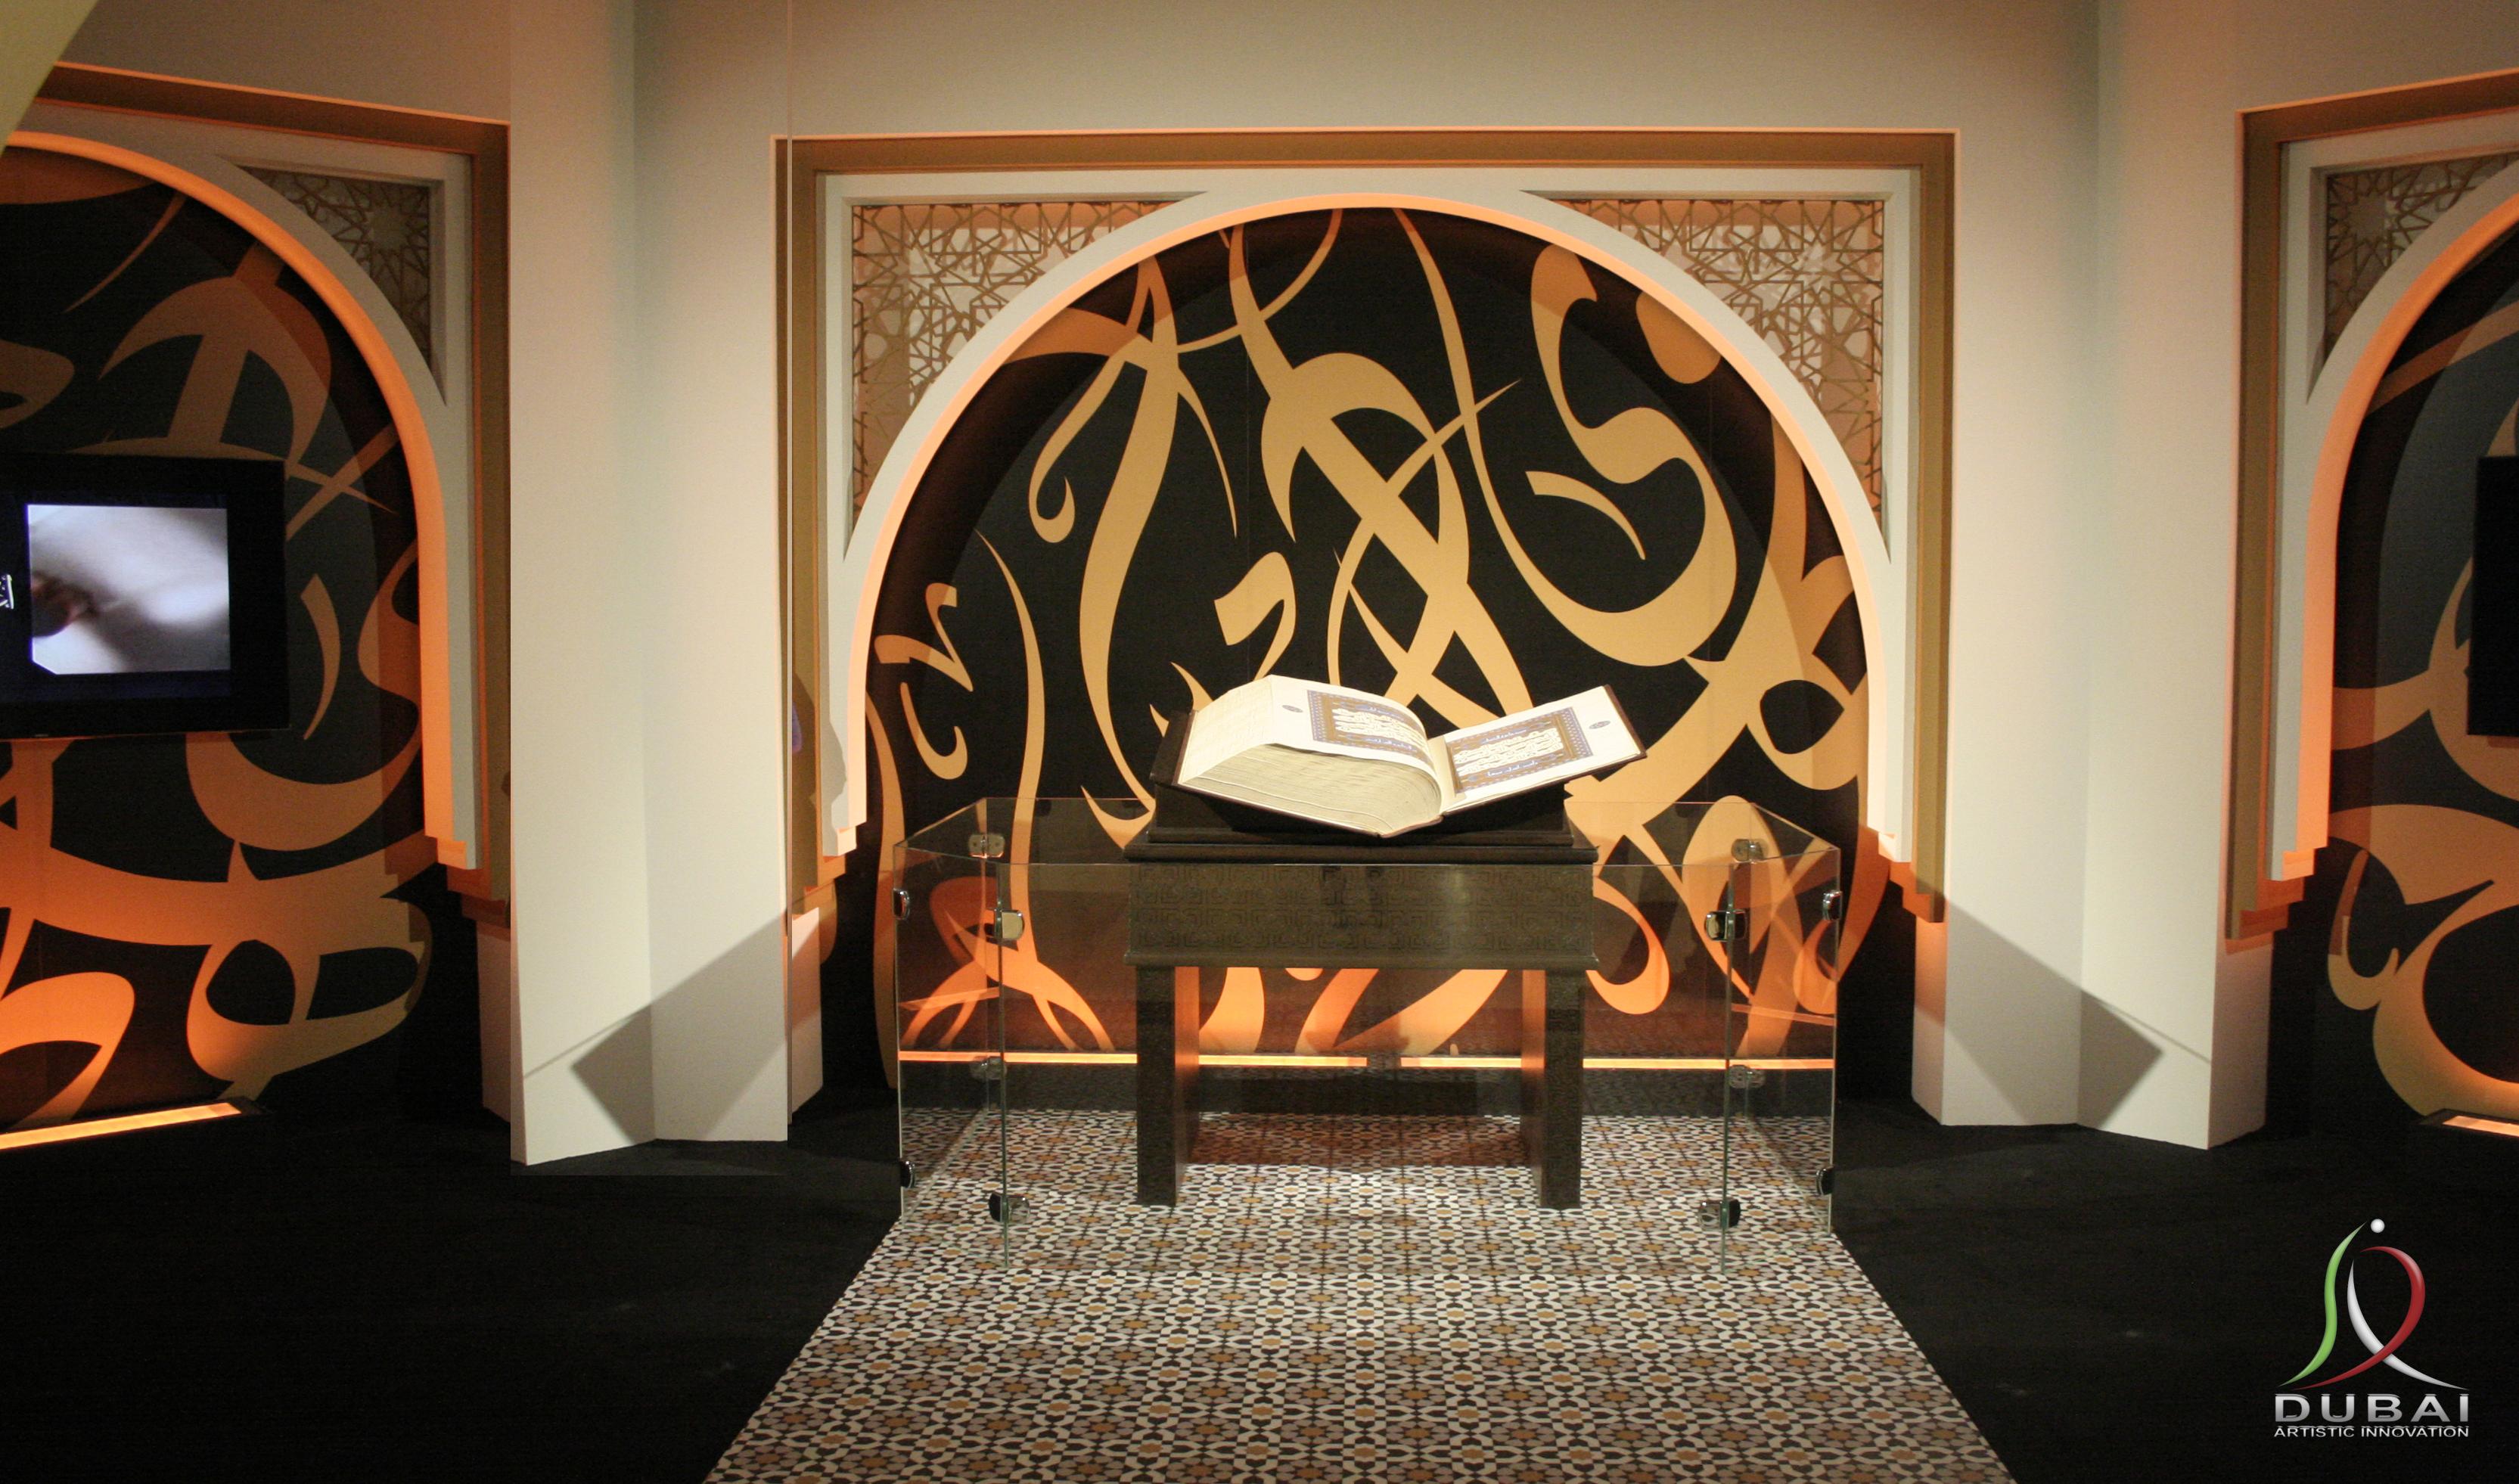 معرض دبي للخط العربي